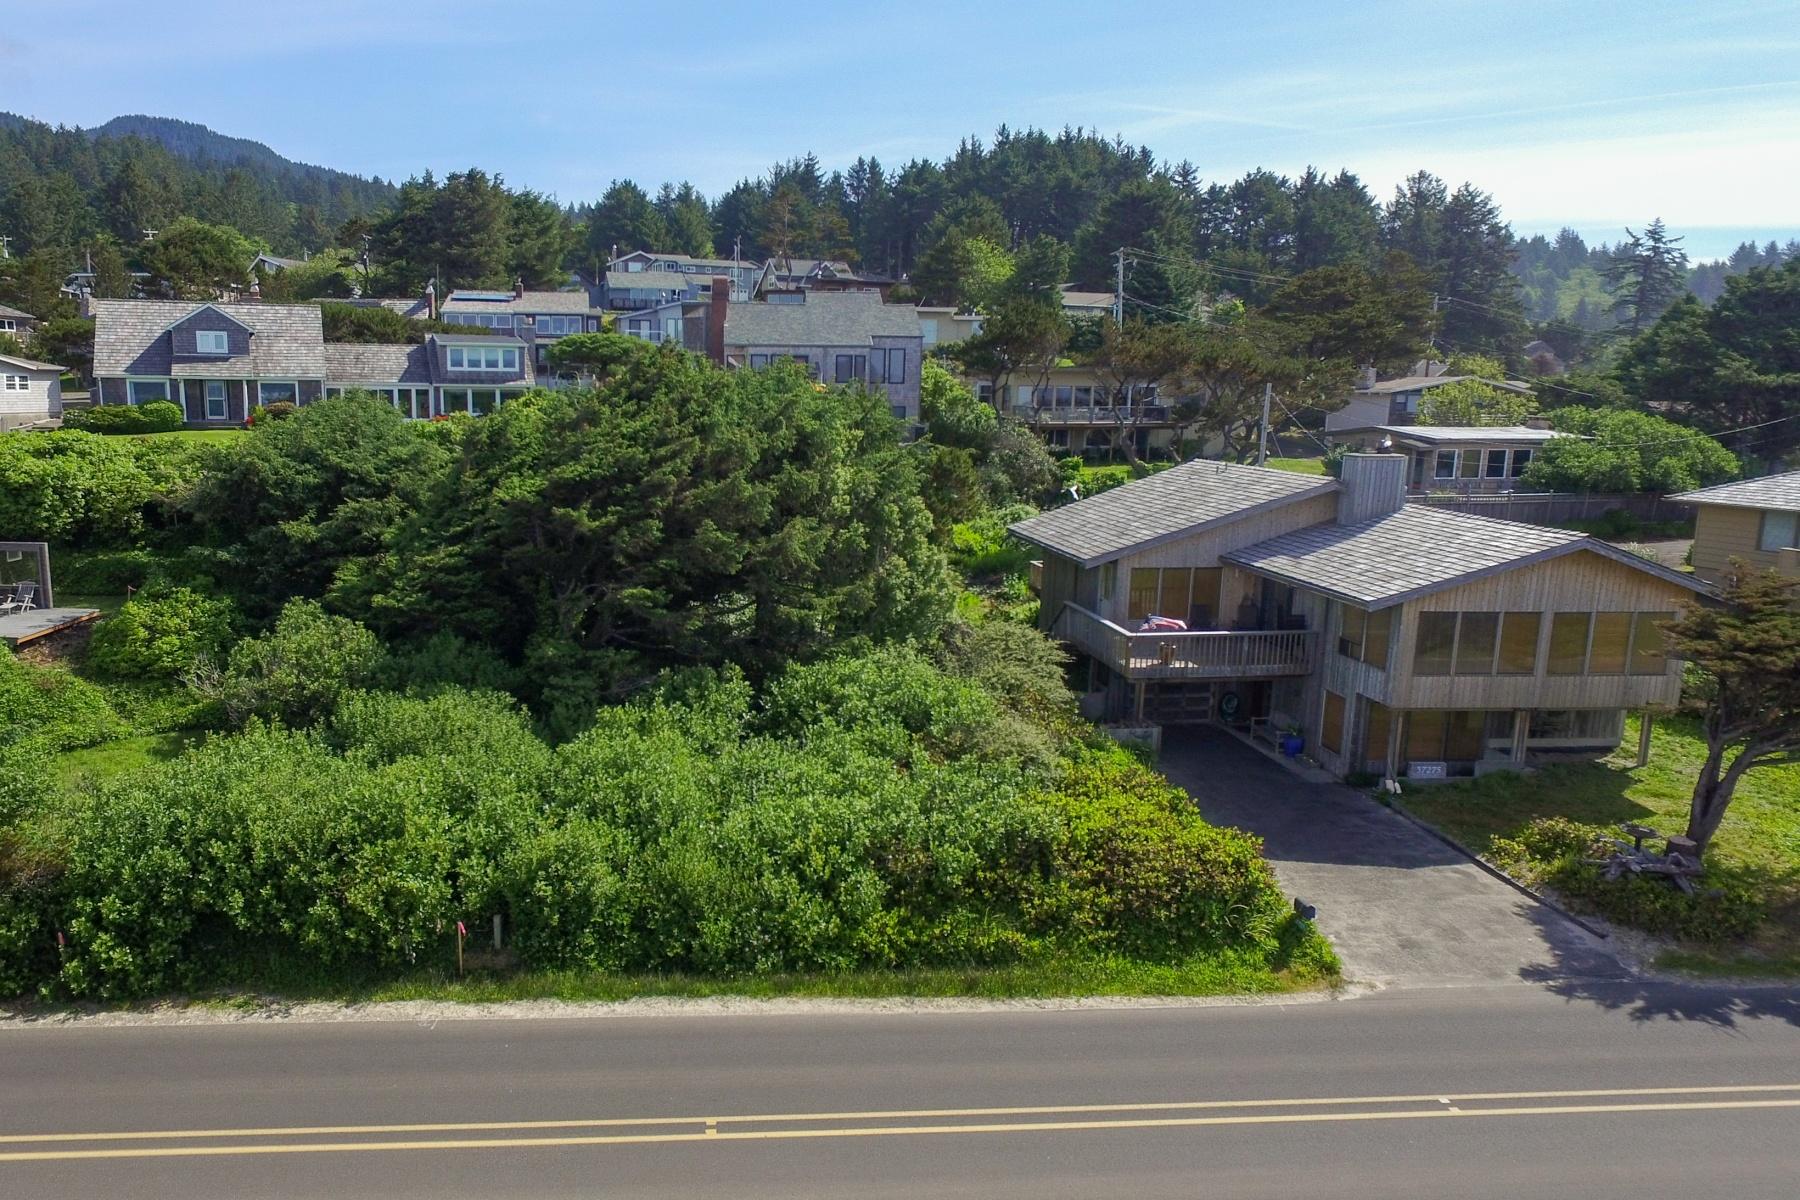 Đất đai vì Bán tại Beulah Reed RD 1900, MANZANITA Manzanita, Oregon, 97130 Hoa Kỳ